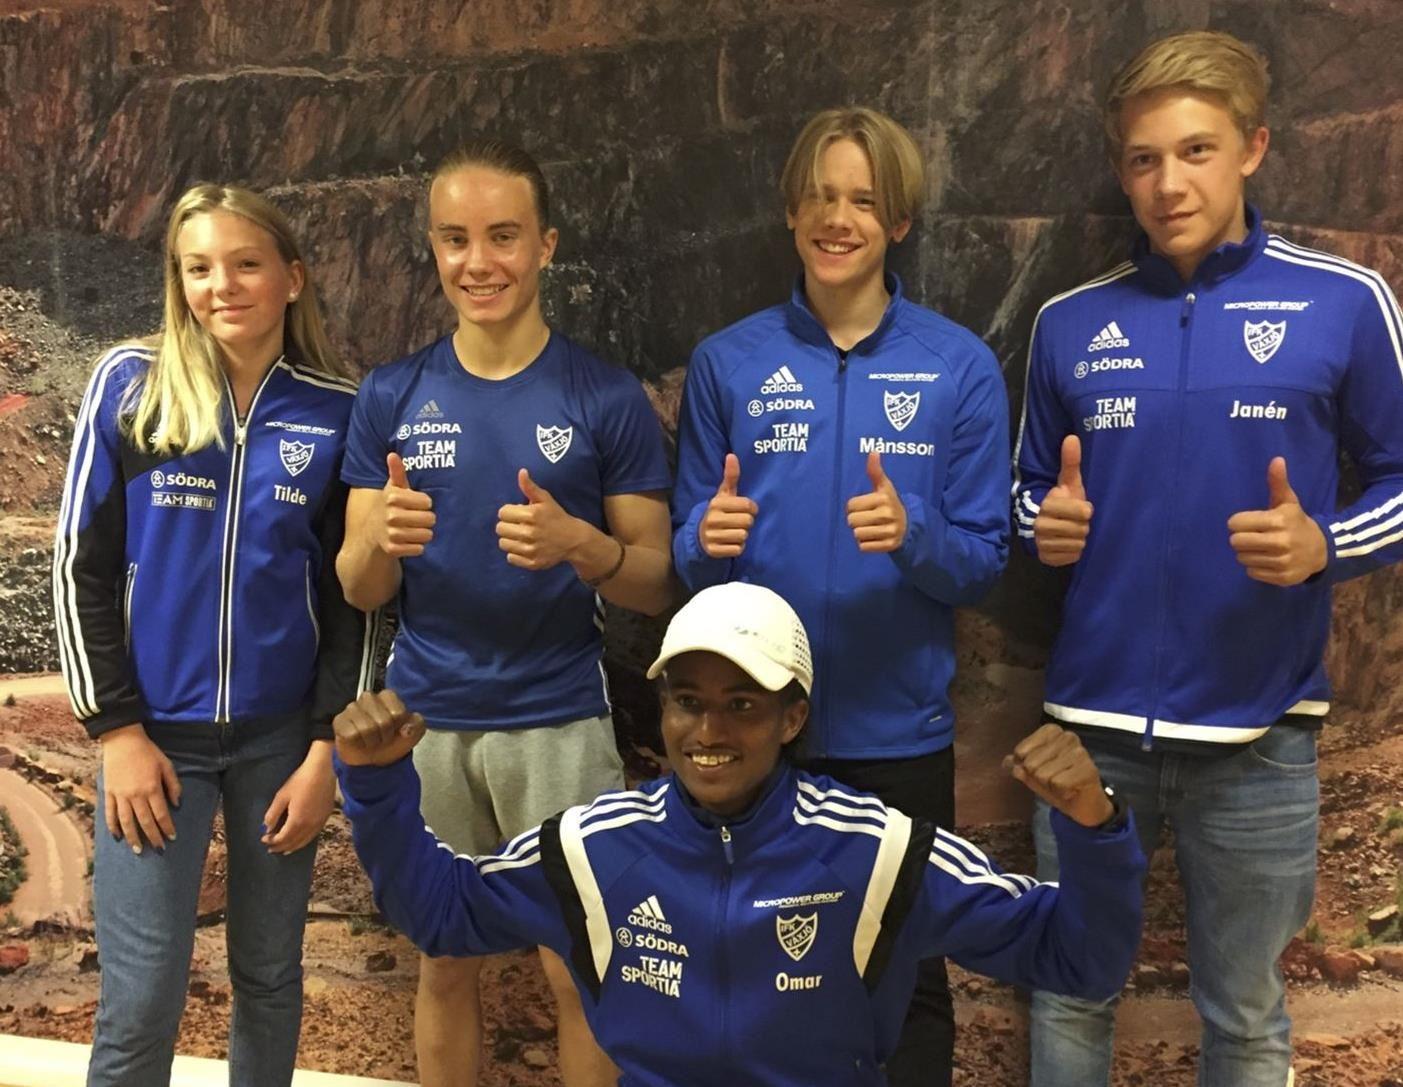 Idrott: Friidrott - Svenska mästerskapen för 15-16 åringar